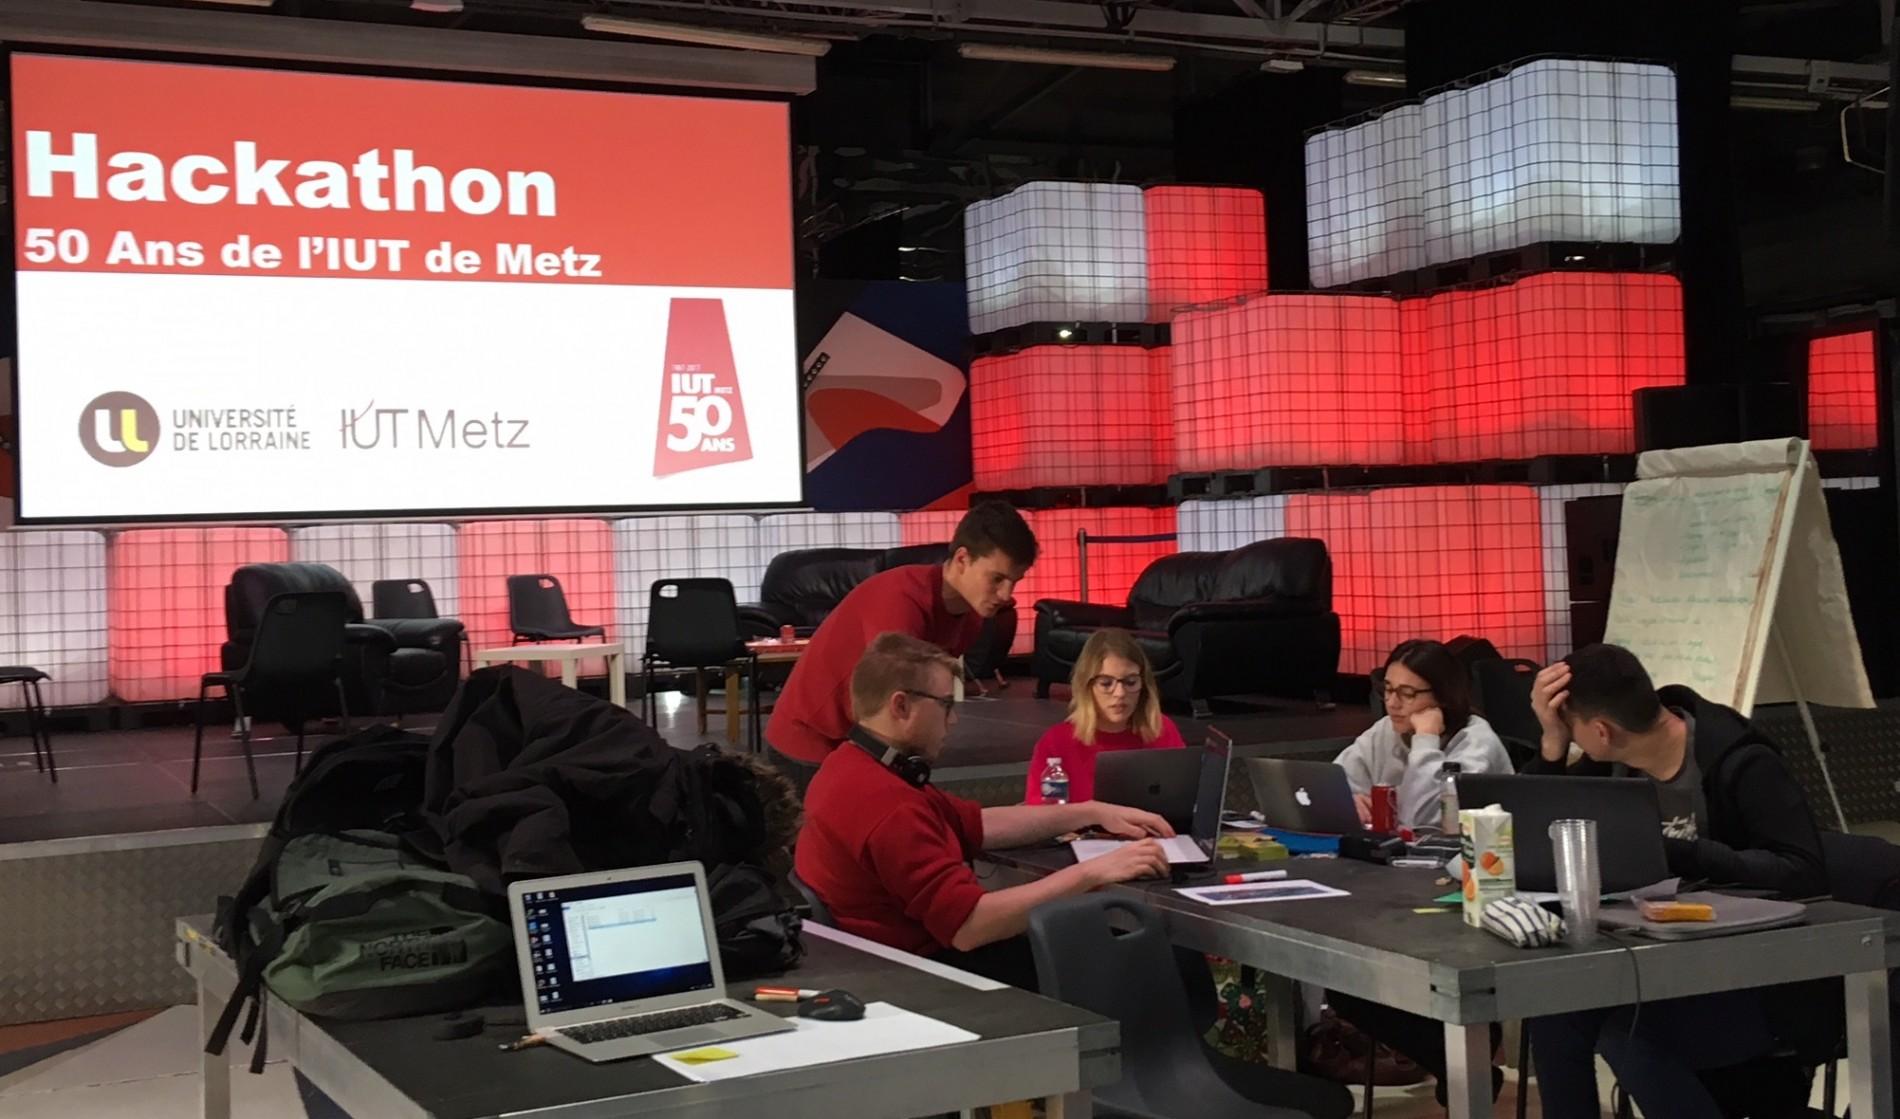 Les étudiants se concentrent sur leur projet dans le cadre du hackathon